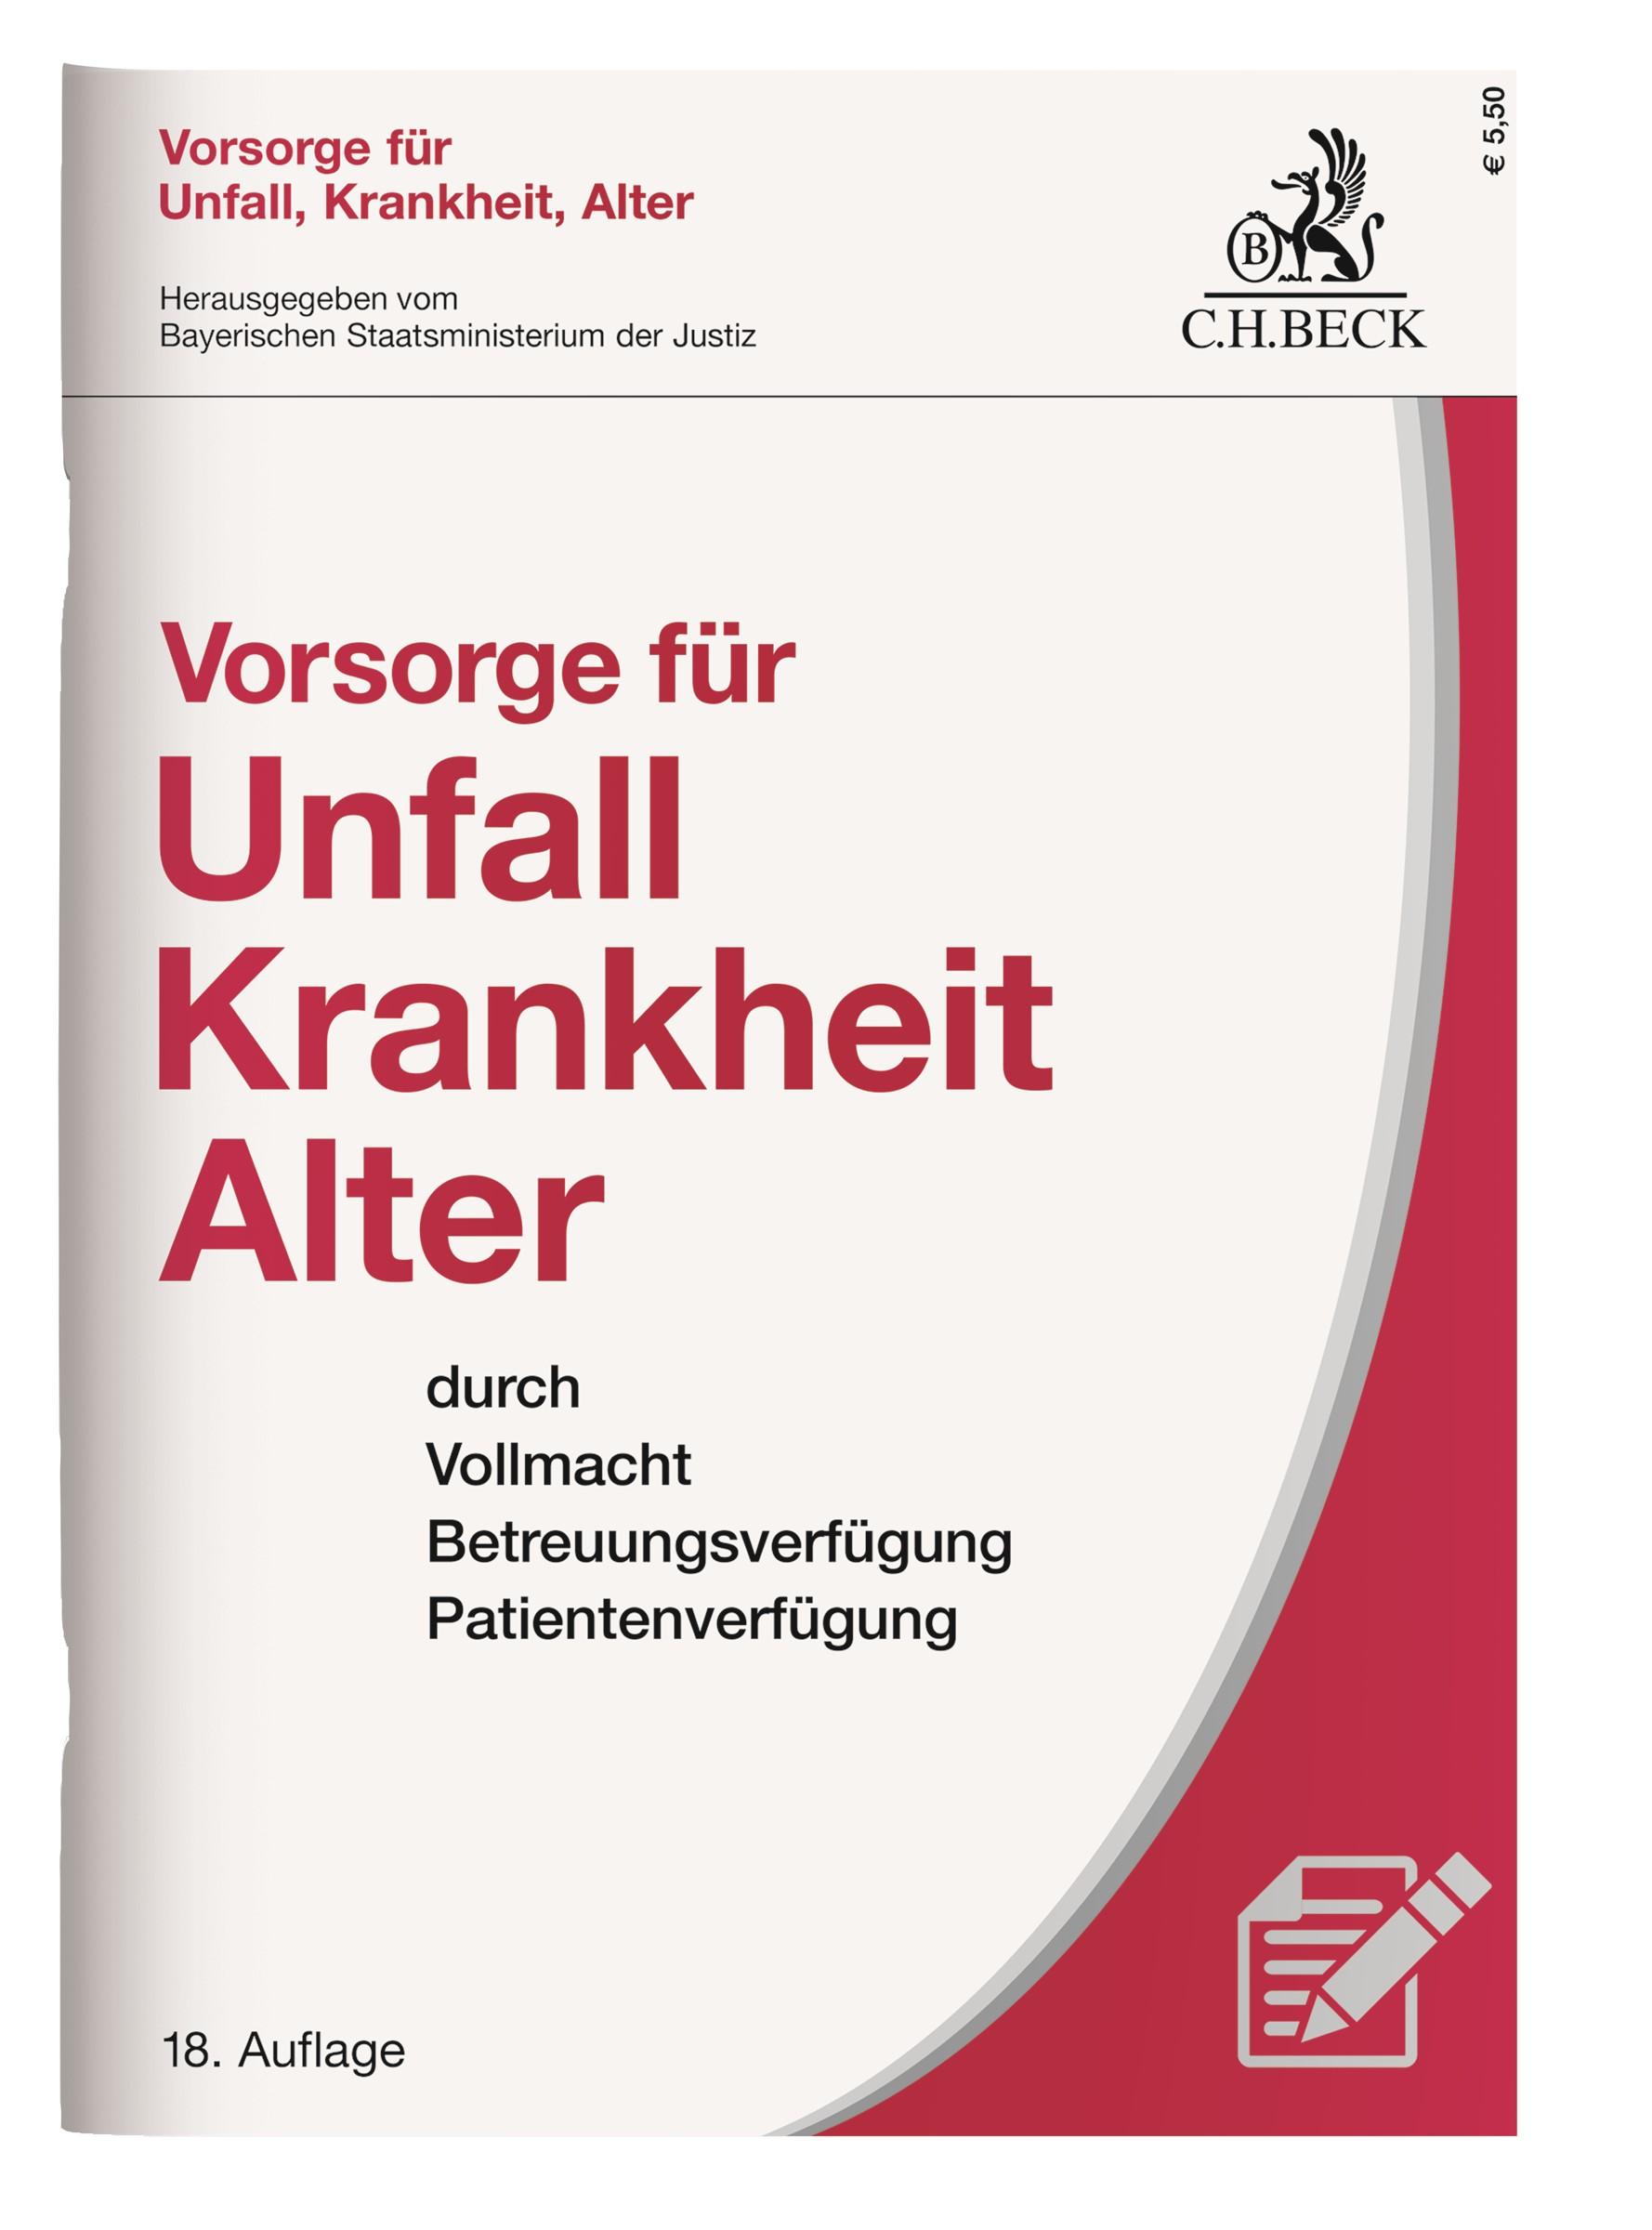 Vorsorge für Unfall, Krankheit, Alter | 18. Auflage, 2017 | Buch (Cover)